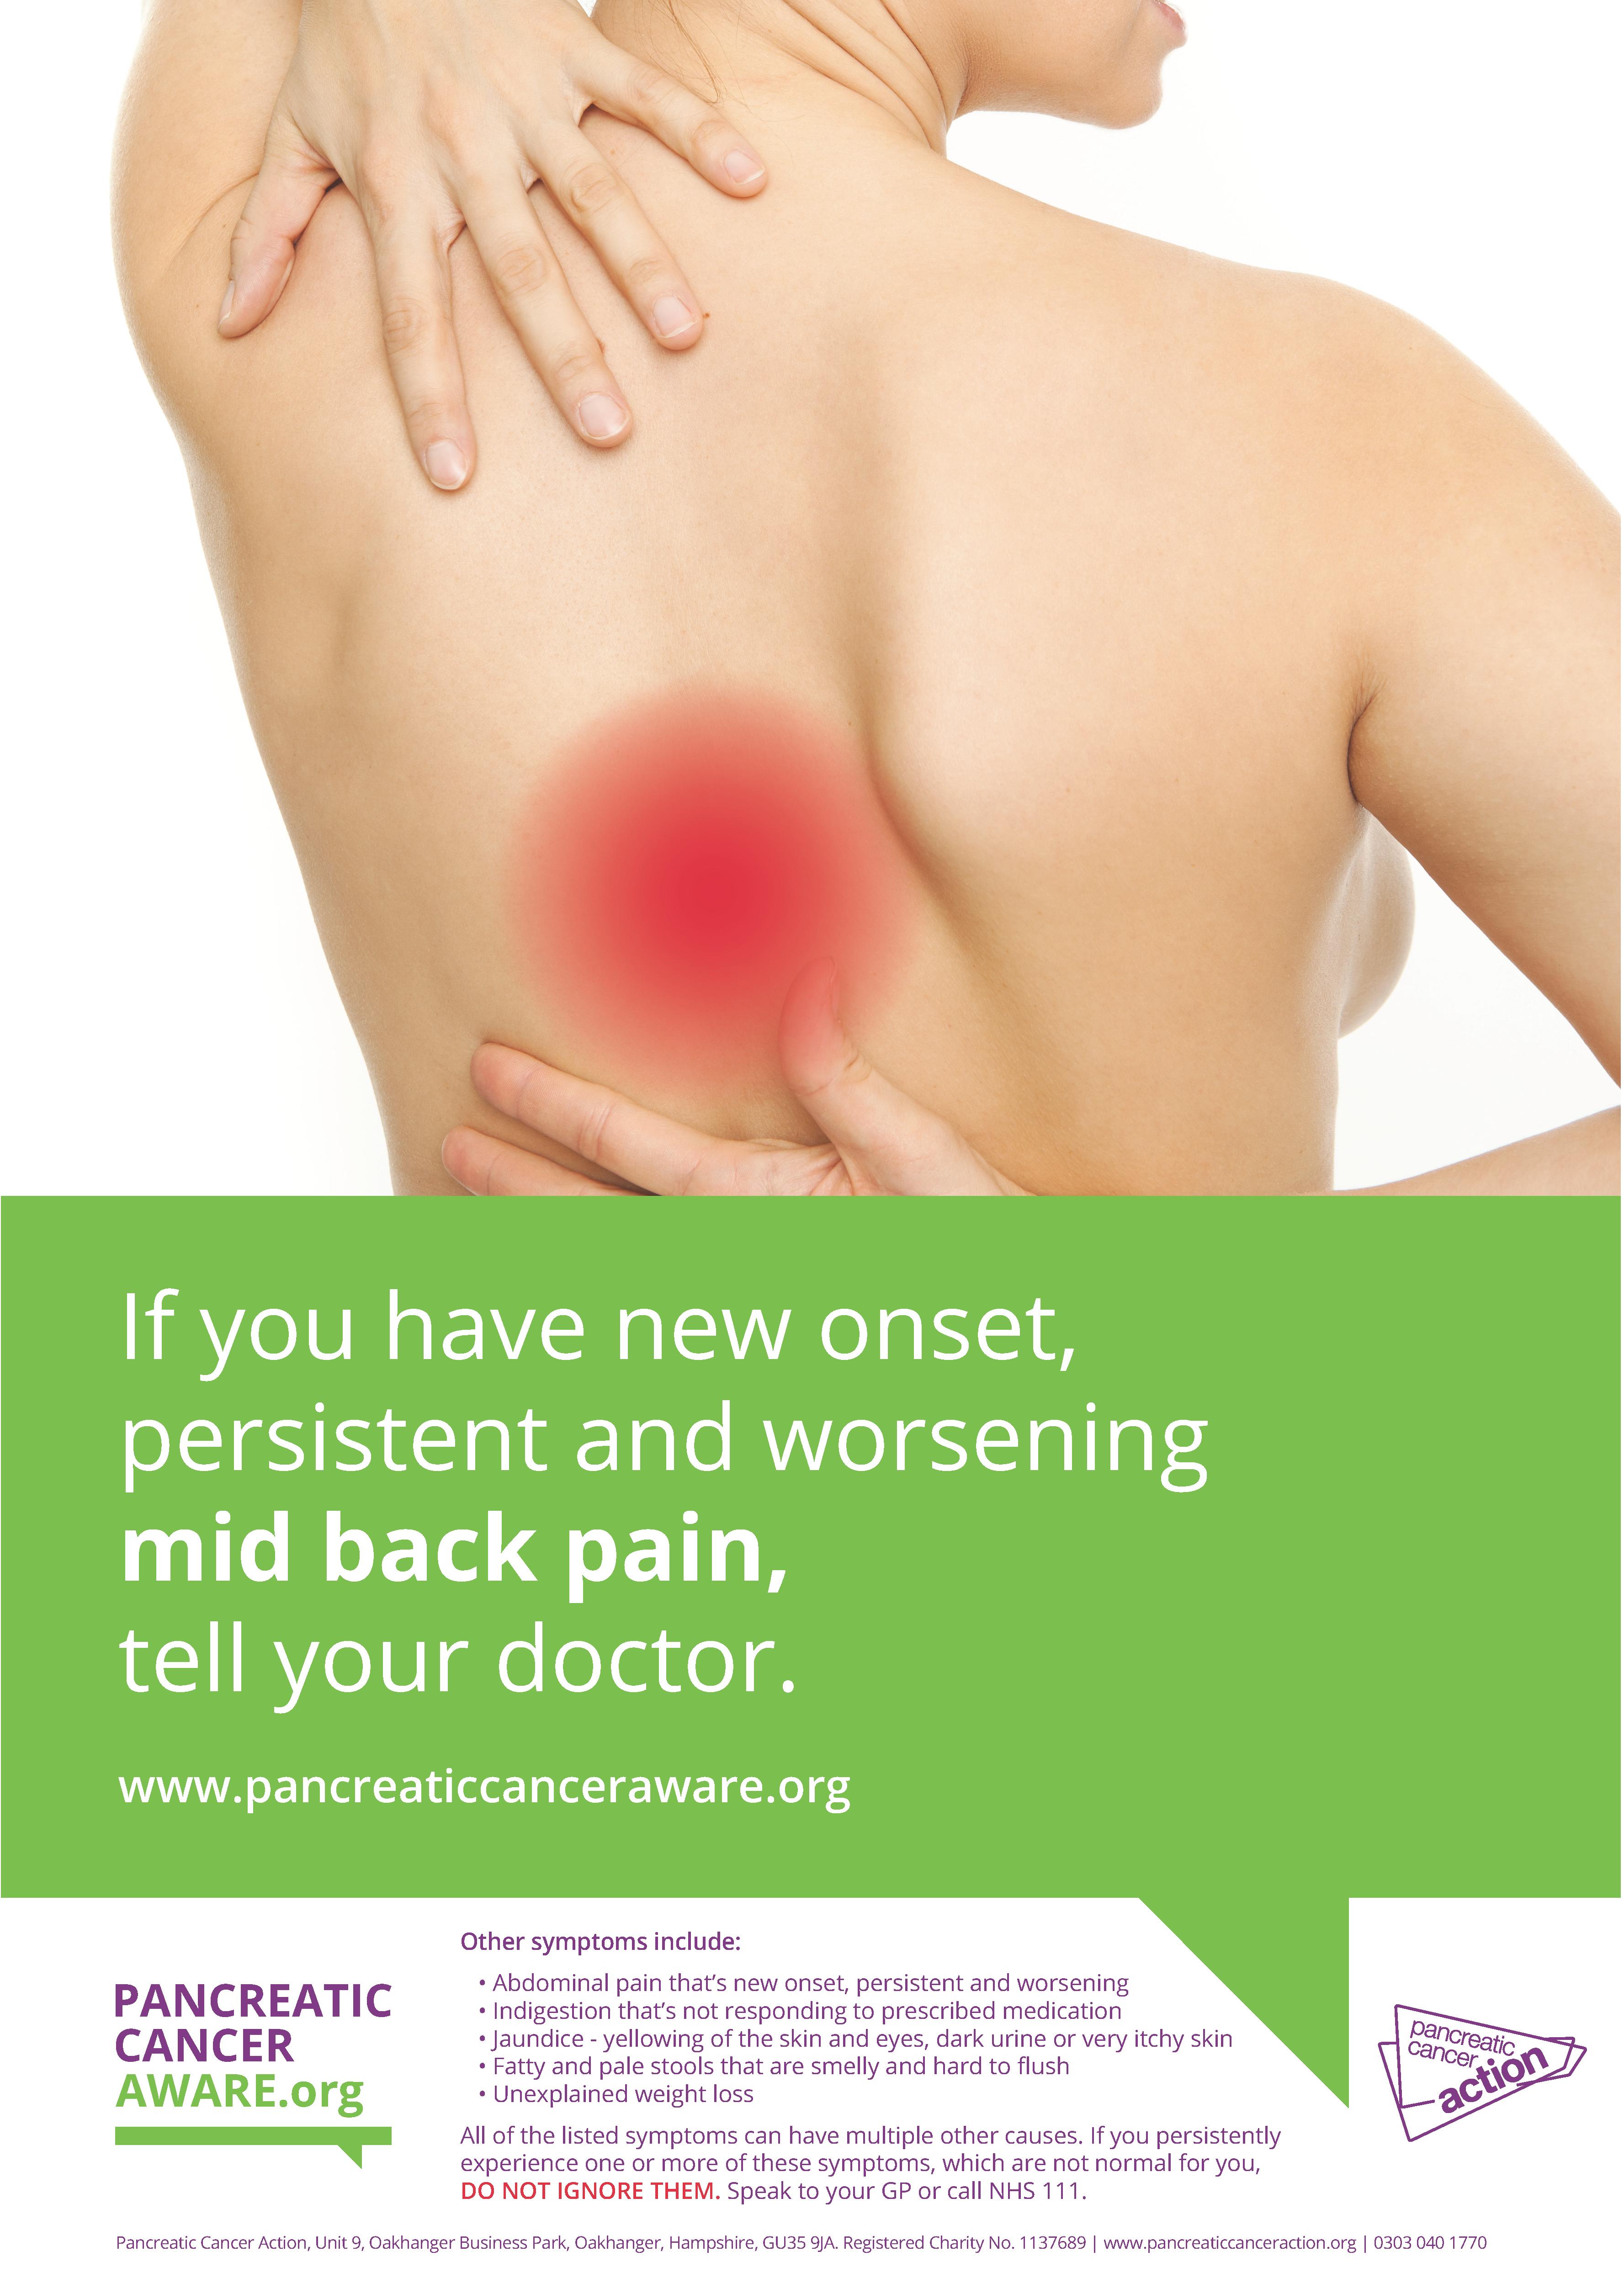 aware-mid-back-pain-female